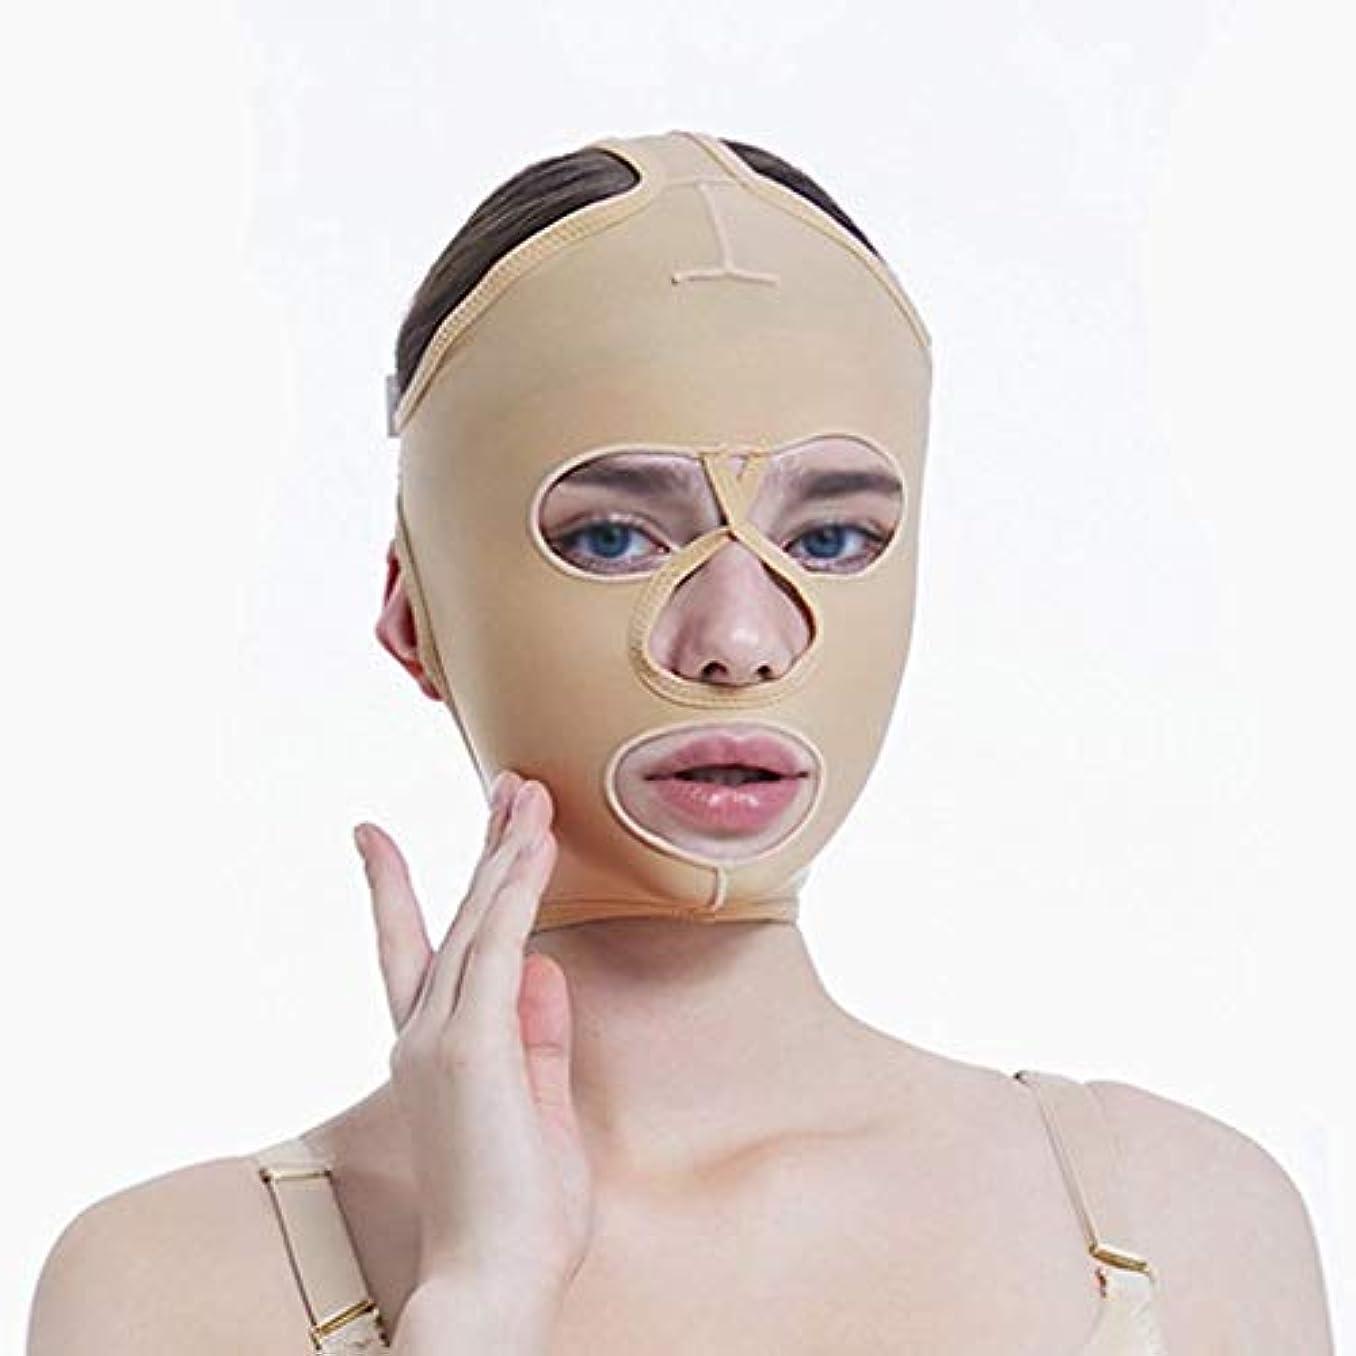 バズ枯れる未亡人チンリフティングベルト、超薄型ベルト、引き締めマスク、包帯吊り、フェイスリフティングマスク、超薄型ベルト、通気性(サイズ:L),XL